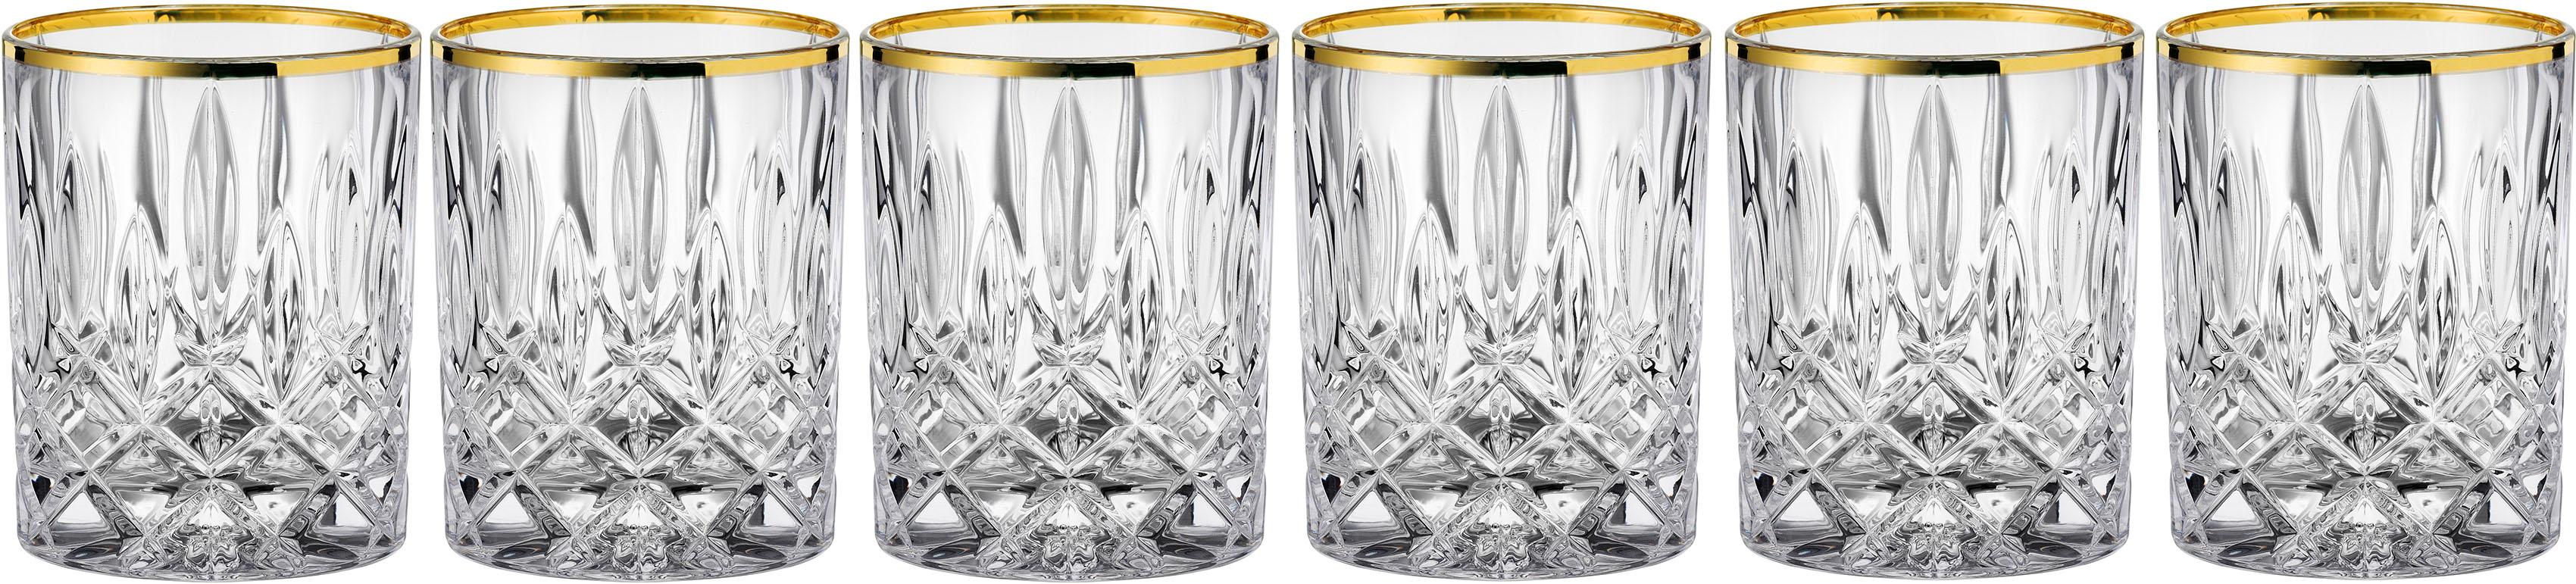 Nachtmann Whiskyglas Noblesse Gold edition, (Set, 6 tlg.), mit veredeltem Goldrand, 6-teilig, 295 ml beige Kristallgläser Gläser Glaswaren Haushaltswaren